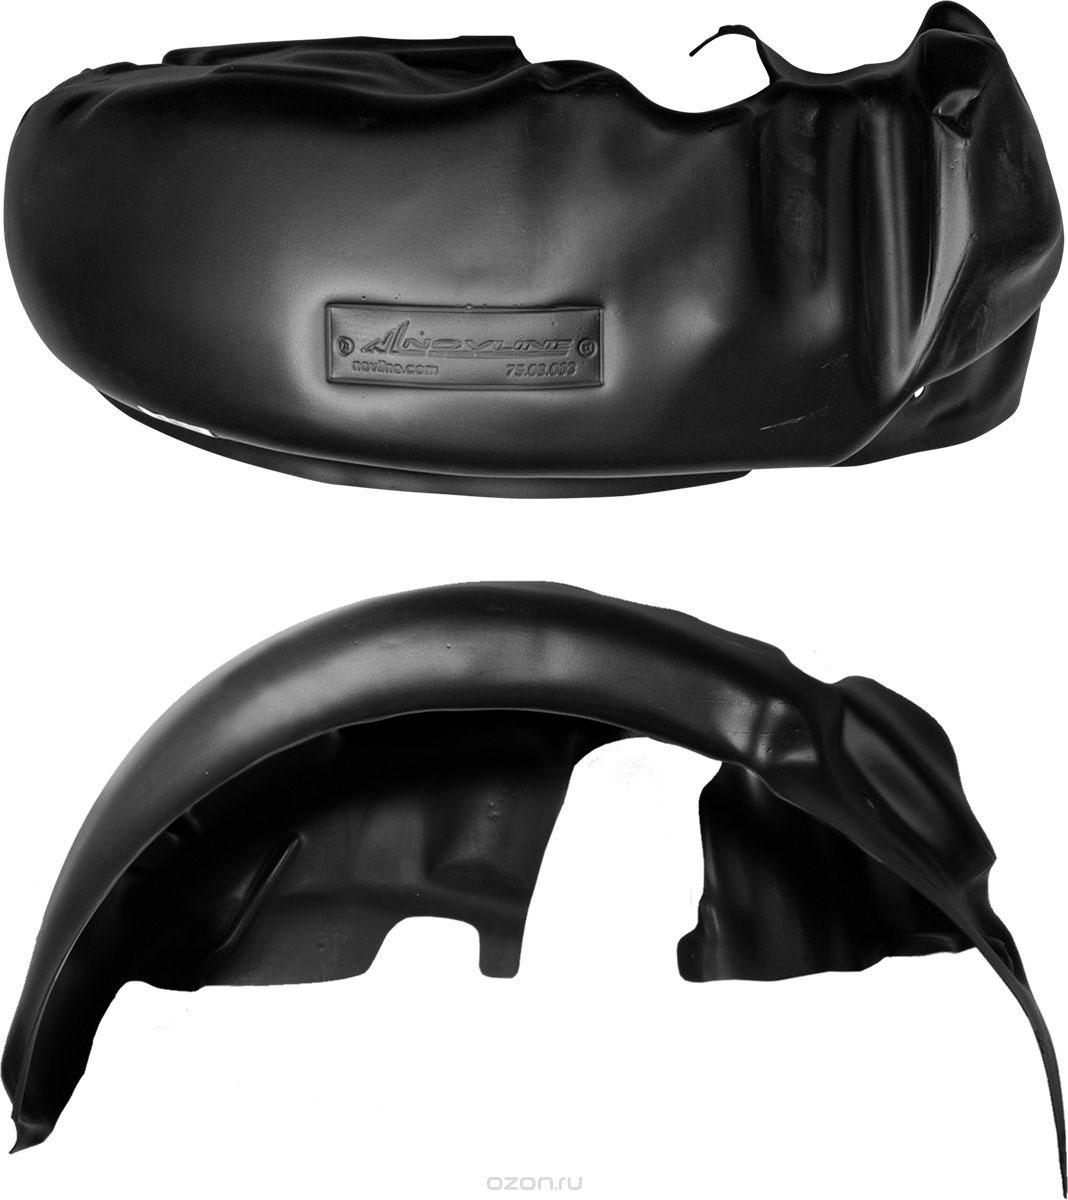 Подкрылок Novline-Autofamily, для ISUZU D-MAX, 04/2016->, Пикап, передний правыйVCA-00Идеальная защита колесной ниши. Локеры разработаны с применением цифровых технологий, гарантируют максимальную повторяемость поверхности арки. Изделия устанавливаются без нарушения лакокрасочного покрытия автомобиля, каждый подкрылок комплектуется крепежом. Уважаемые клиенты, обращаем ваше внимание, что фотографии на подкрылки универсальные и не отражают реальную форму изделия. При этом само изделие идет точно под размер указанного автомобиля.